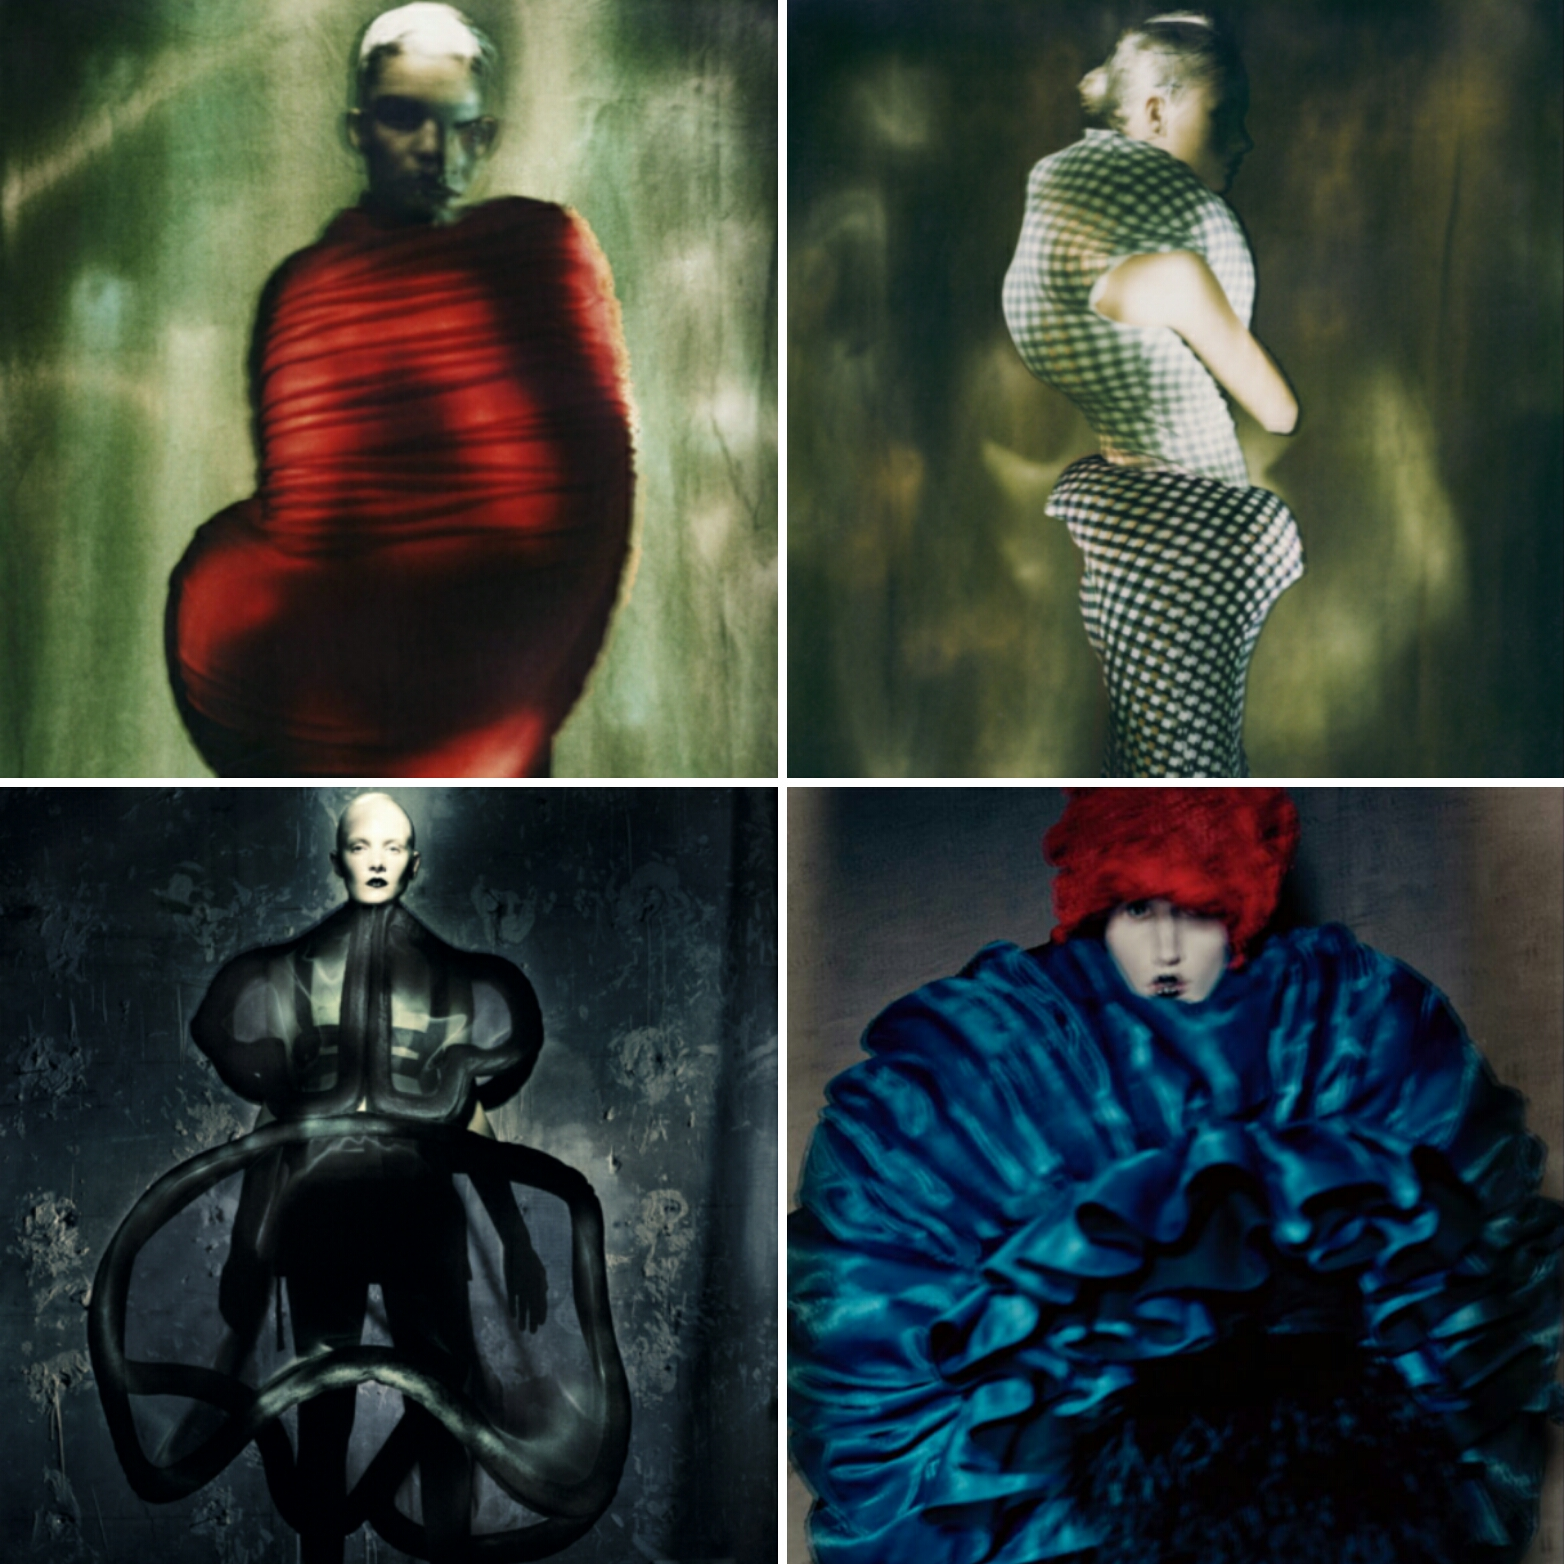 """Diseños de Rei Kawakubo para Comme des Garçons. Las dos fotos de arriba pertenecen a la colección """"Body Meets Dress, Dress Meets Body"""" de verano 1997. Abajo izq. colección """"Not making Clothing"""" del verano 2014 y su derecha """"Blue Witch"""" verano 1997. Fotos de Paolo Roversi"""